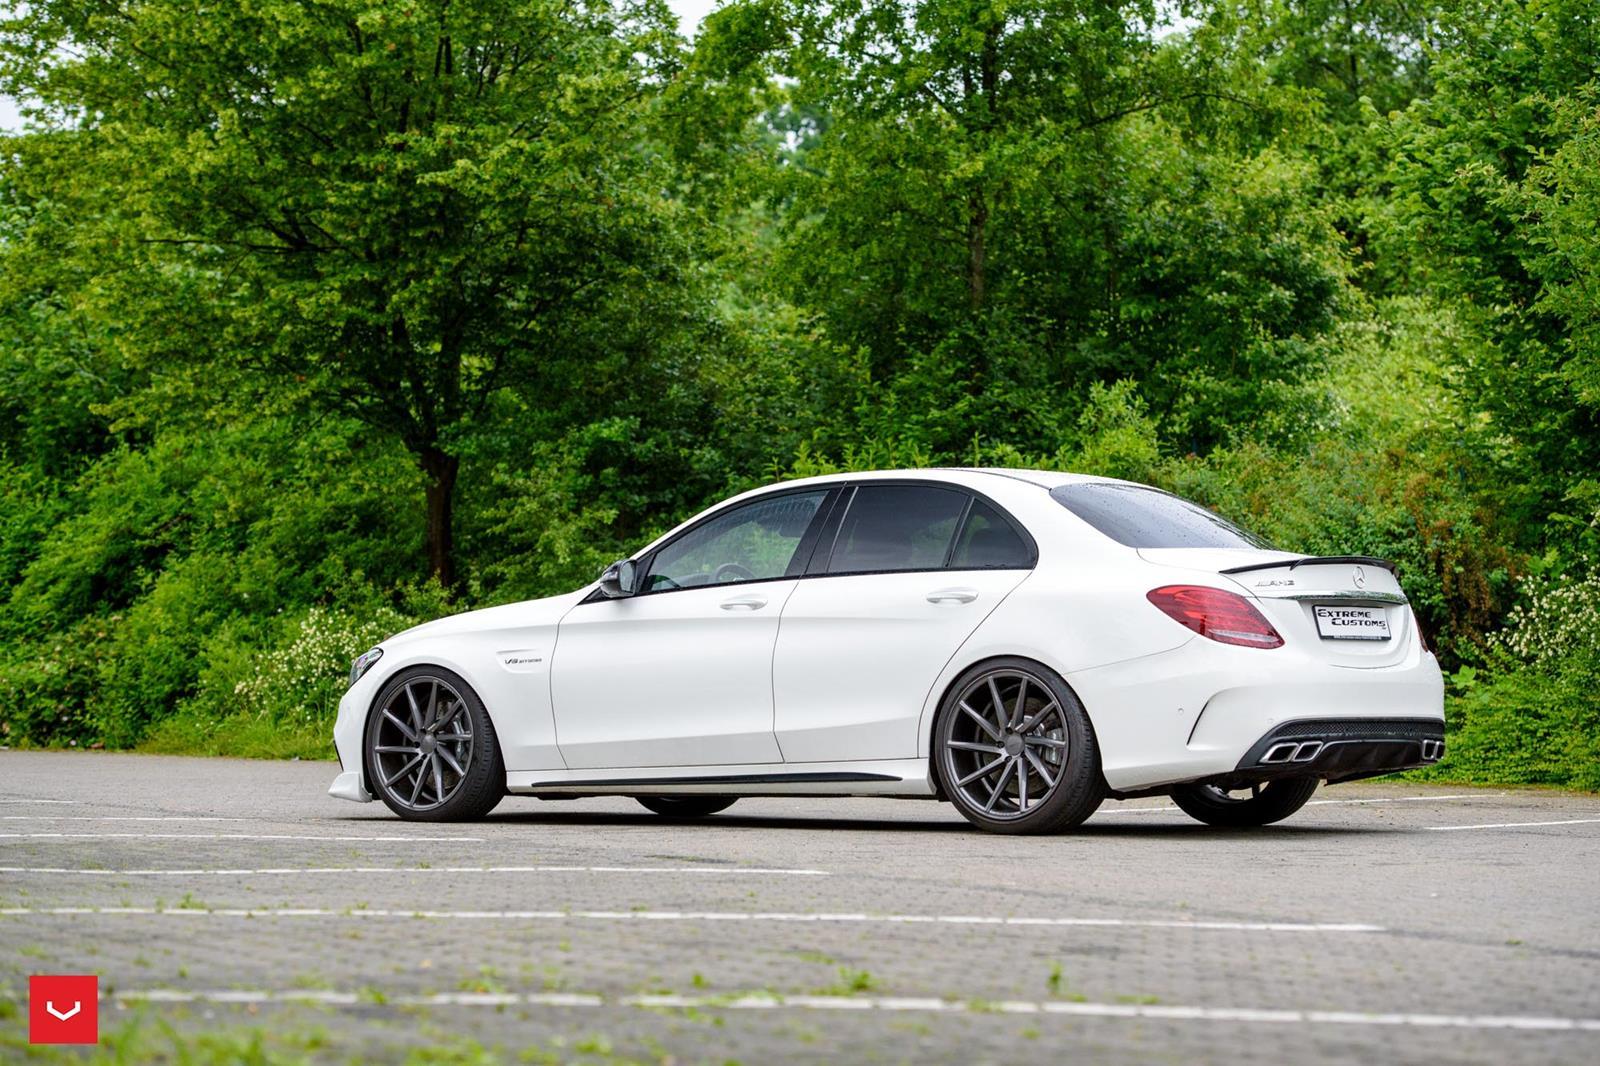 Mercedes Amg W205 C 63 Vossen Cvt Benztuning